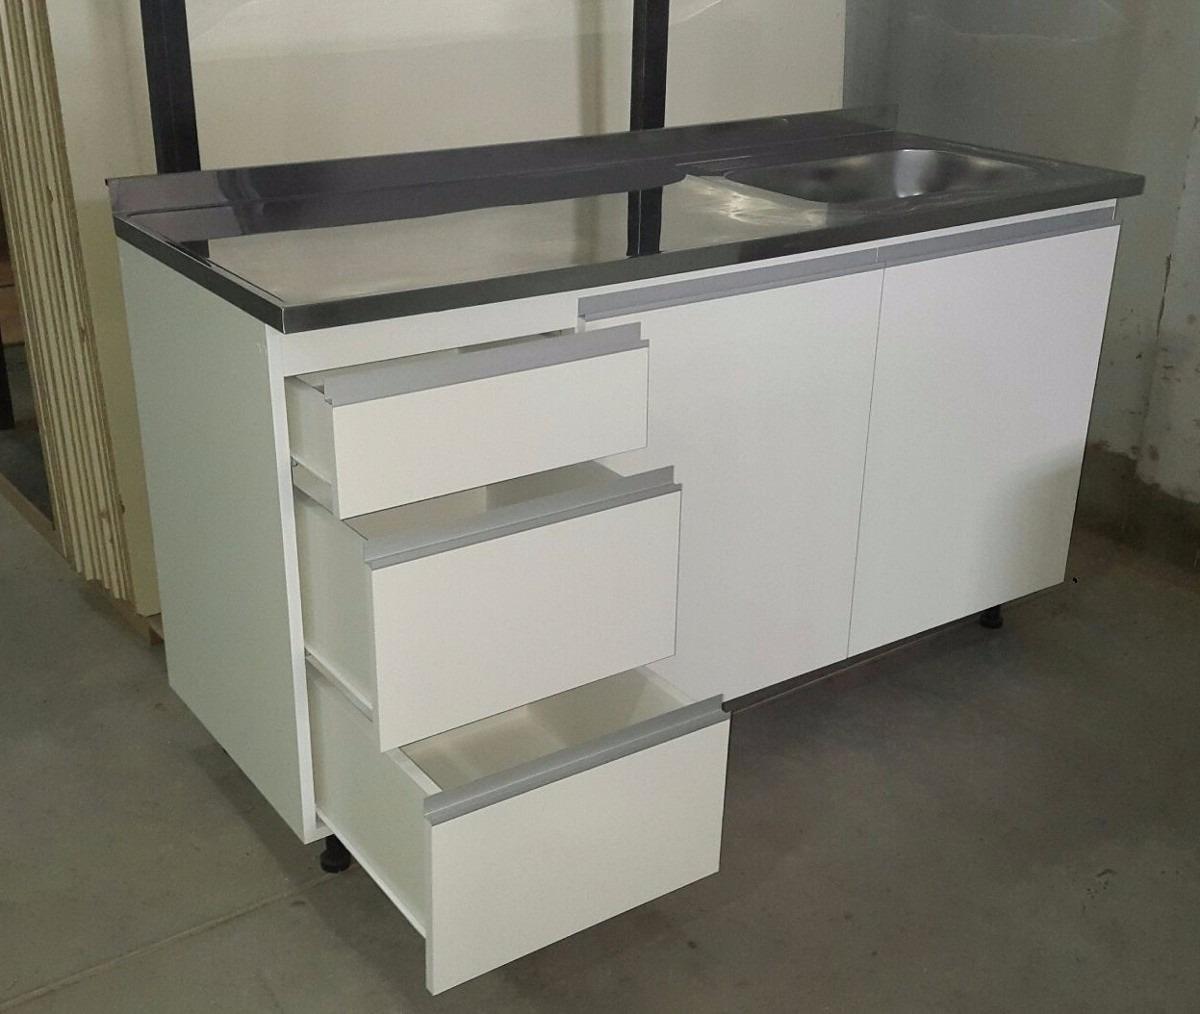 Mueble De Cocina Bajomesada 1 40 Melamina Blanca 18mm 4 063  # Muebles Rio Gallegos